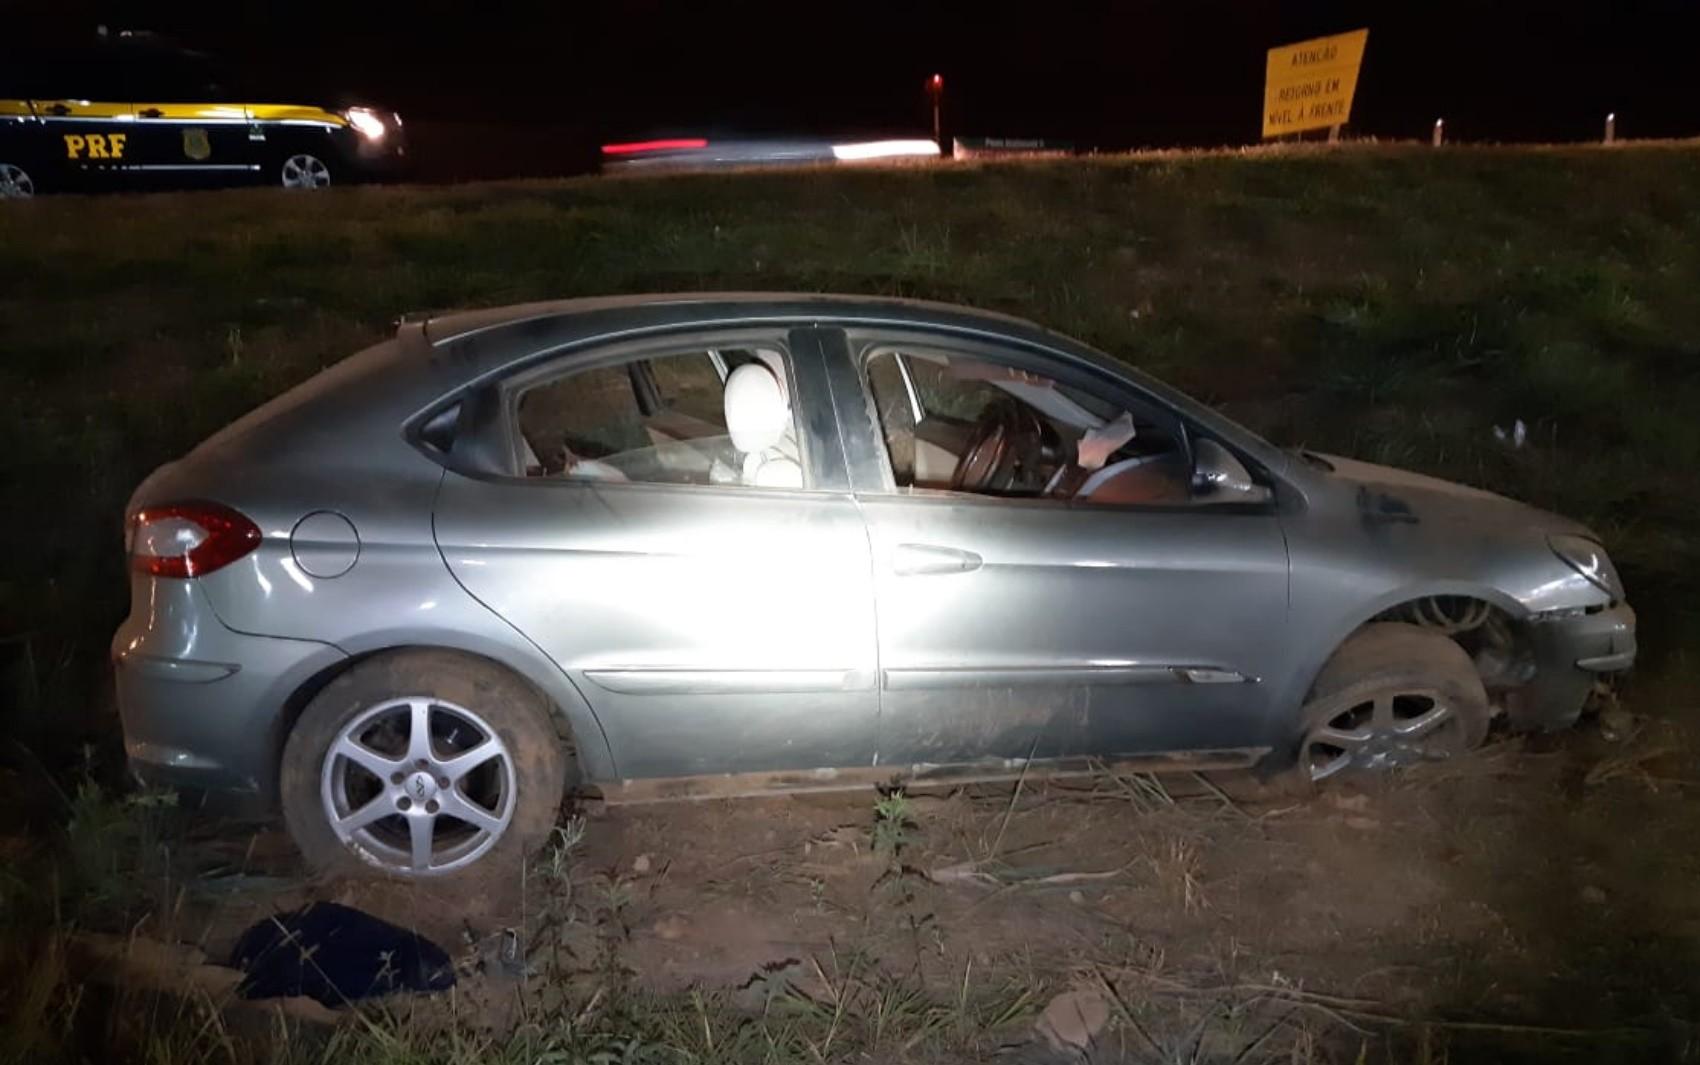 Motorista bêbado capota carro e é preso em Valparaíso de Goiás, diz PRF